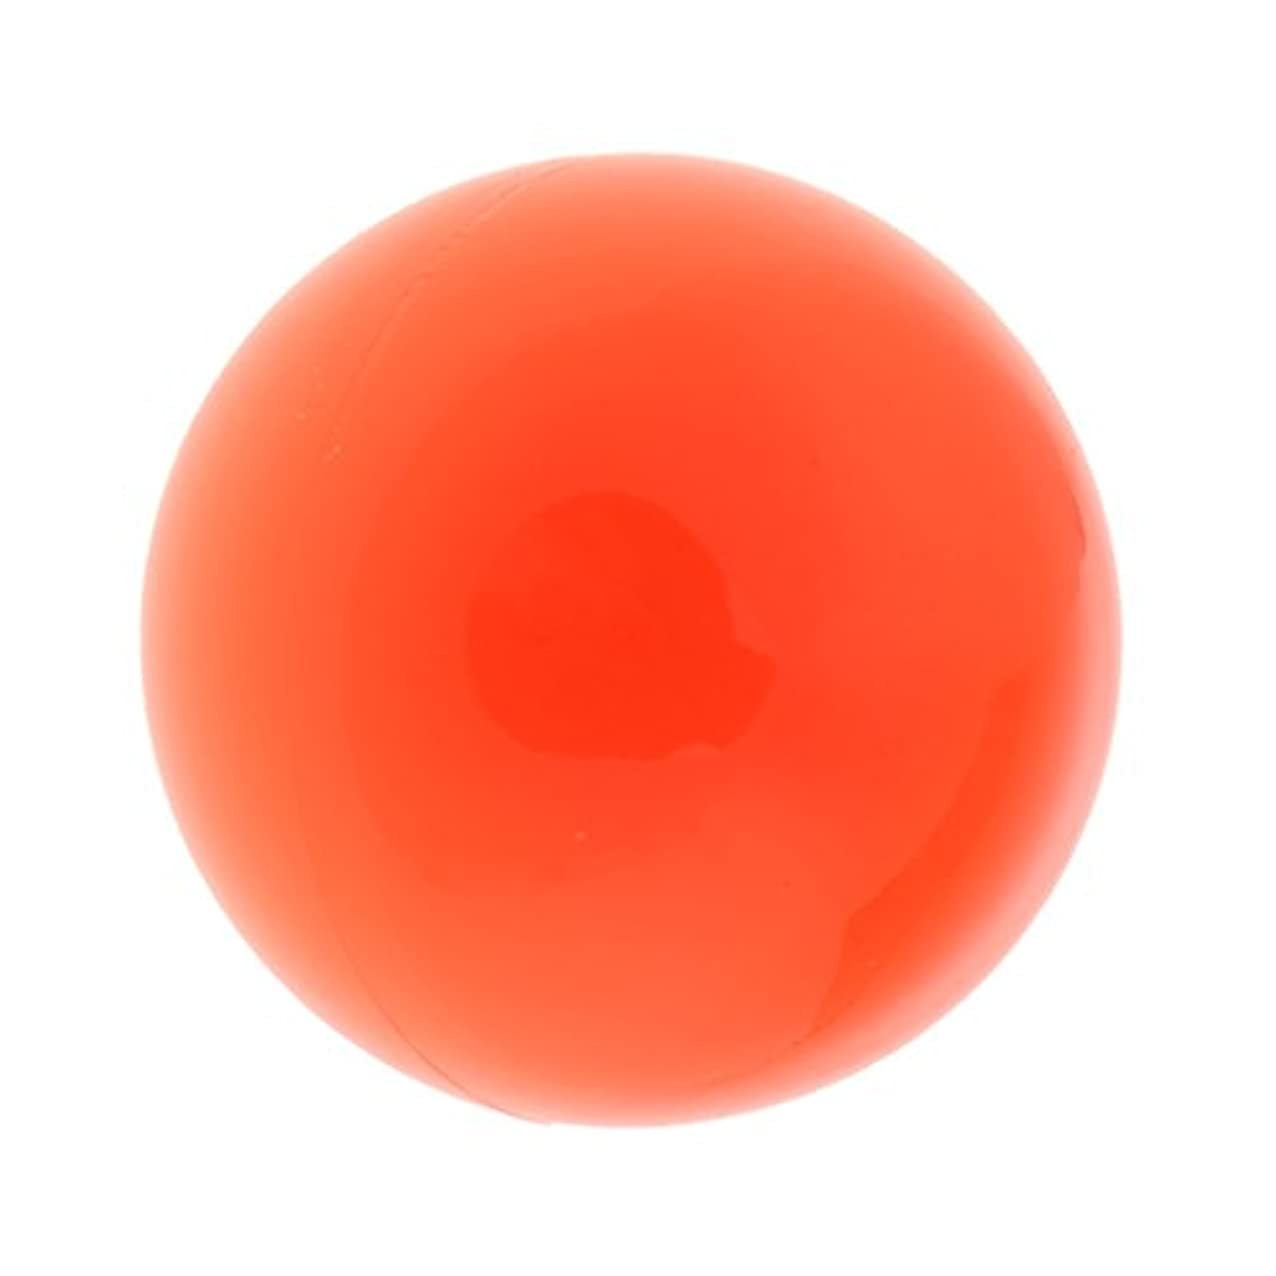 操縦するメタルライン復活させるFenteer ラクロスマッサージボール マッサージボール マッサージ 手のひら 足 腕 首 背中 足首 ジム ホーム 便利 オレンジ